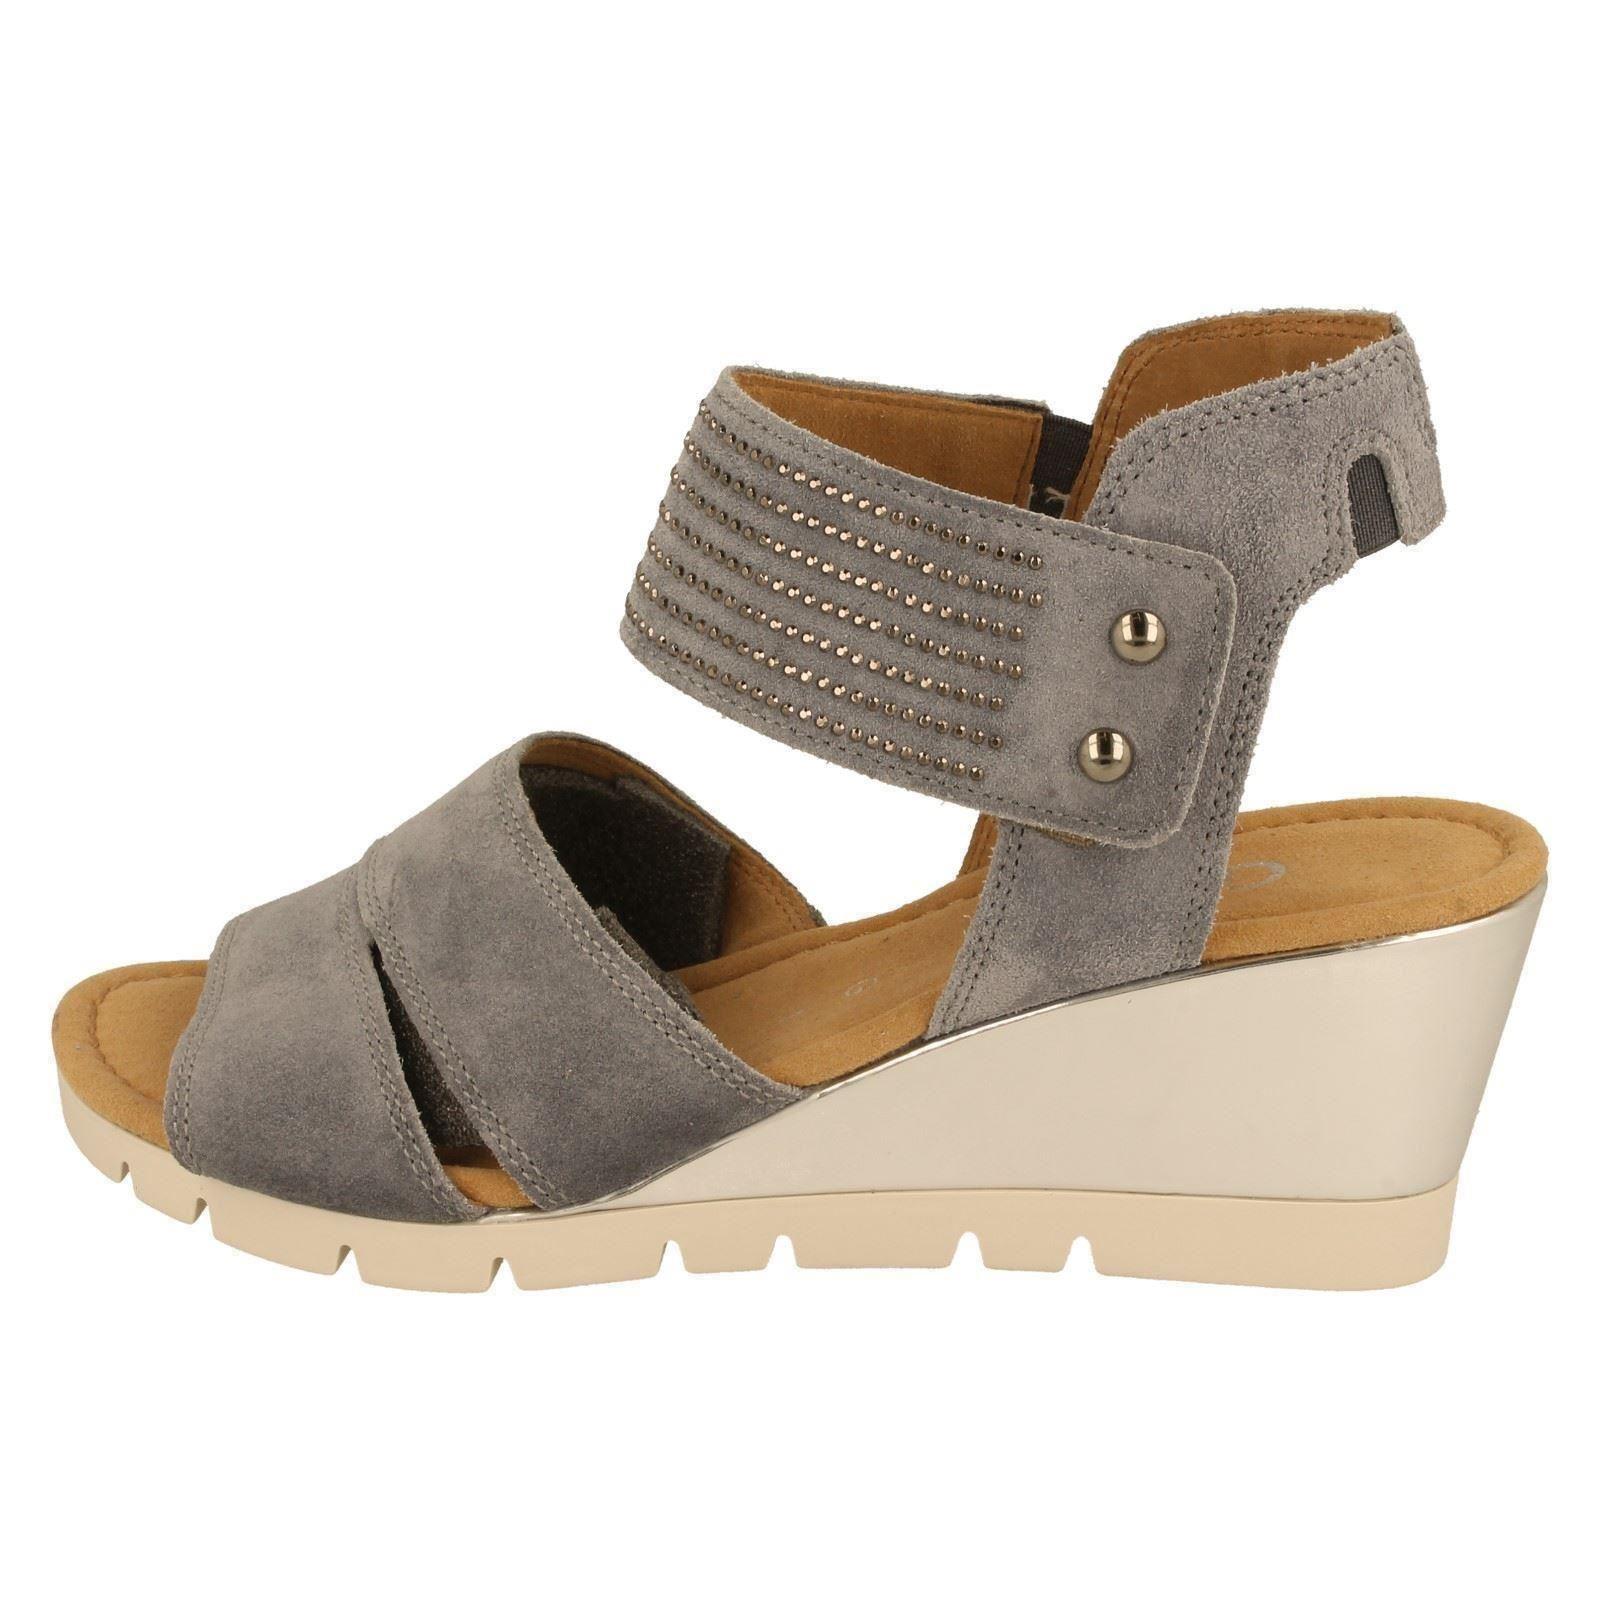 Homme Femme Femmes gabor gabor gabor sandales le style 62845-W Divers styles Magasin d'exportation en ligne Forte chaleur et résistance à la chaleur 4b4d25